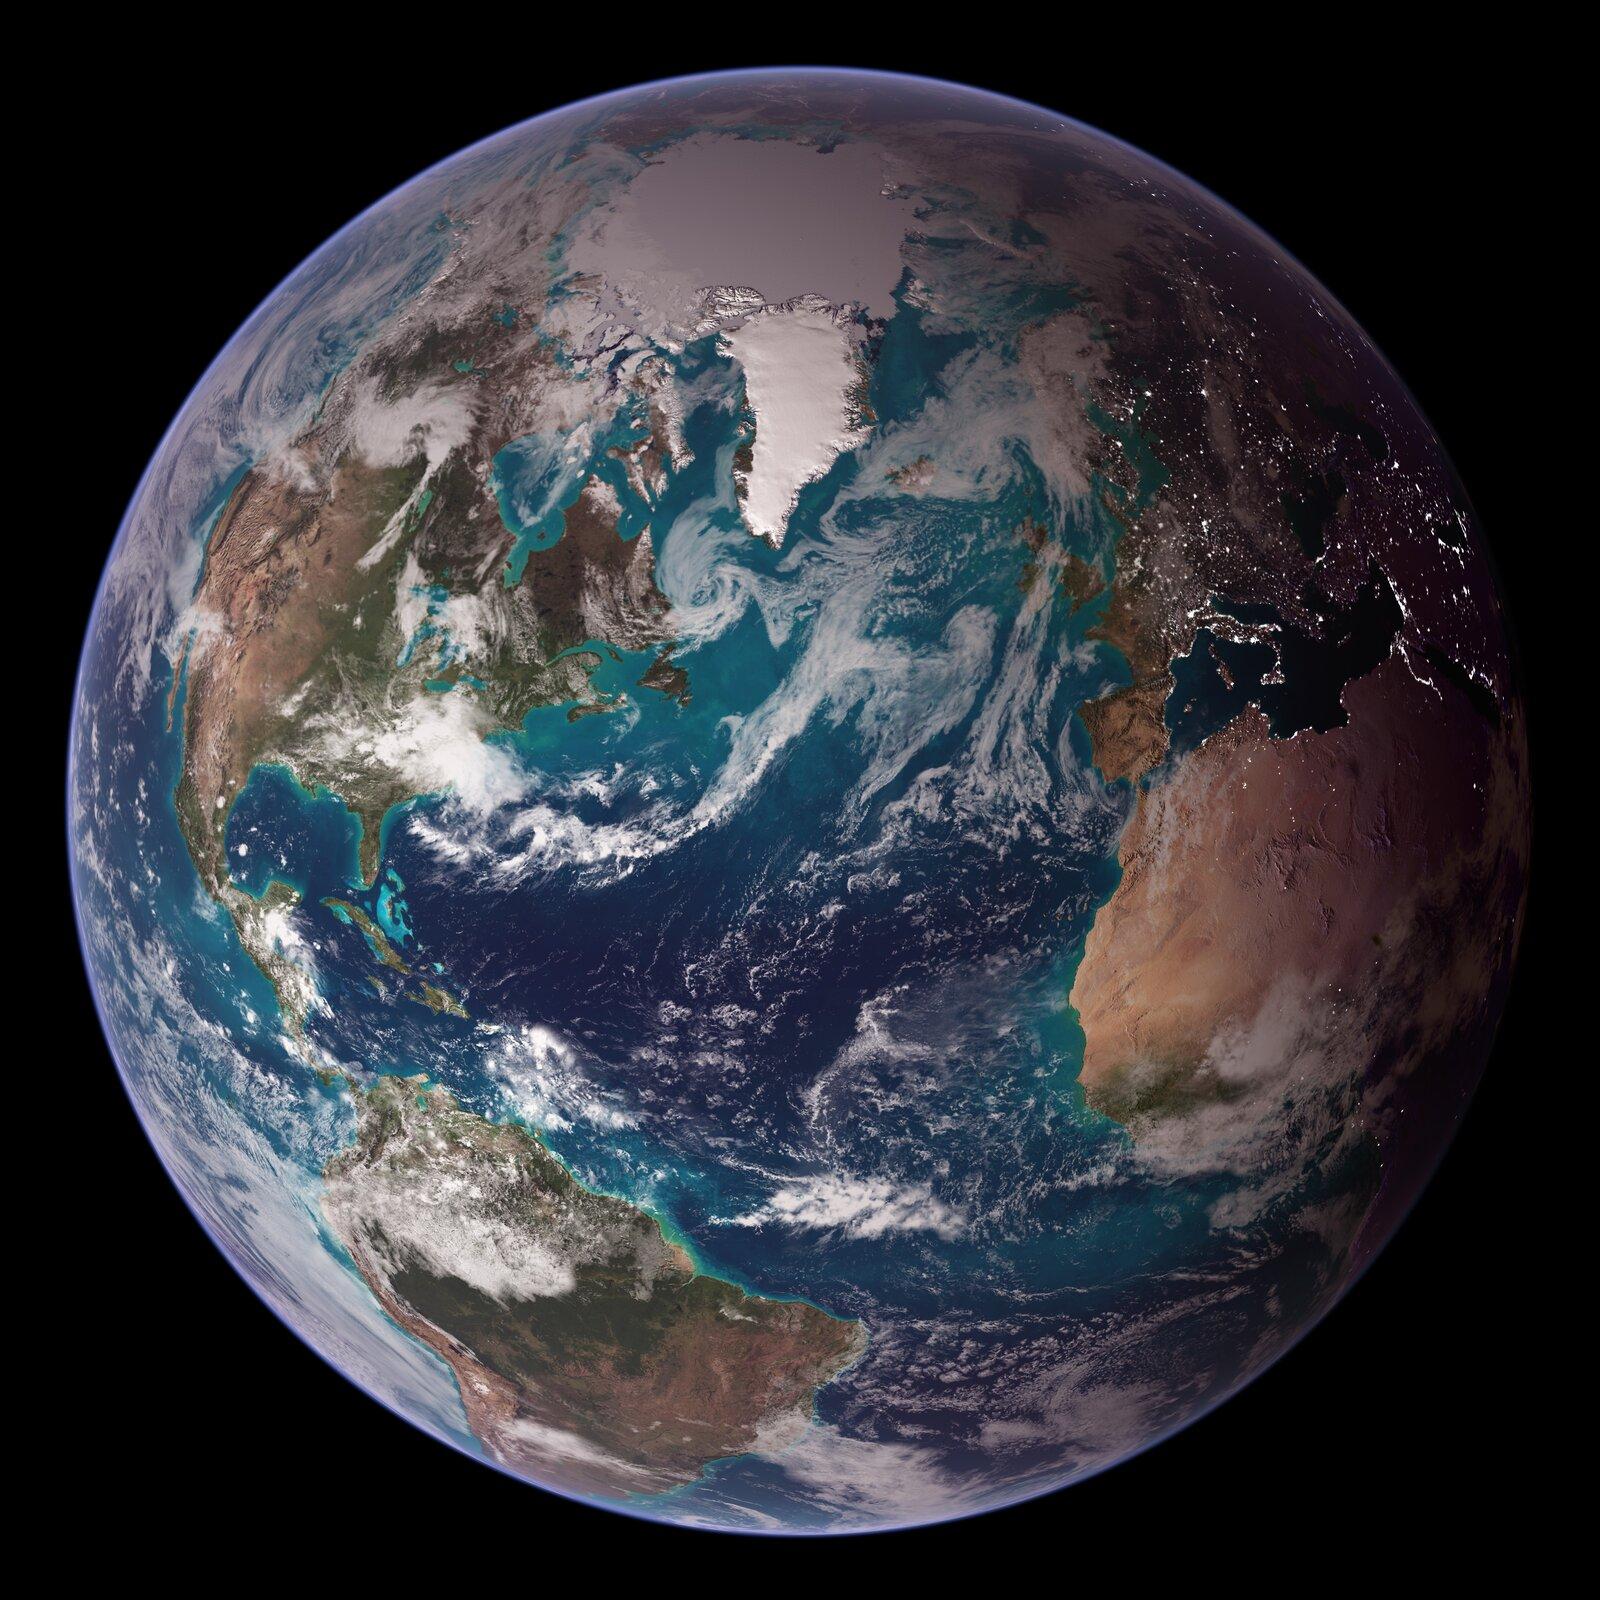 Zdjęcie Ziemi wykonane zsatelity okołoziemskiego. Na zdjęciu widoczna okrągła kula Ziemska pokryta niebieskimi wodami, brązowymi lądami oraz białymi pasmami chmur.